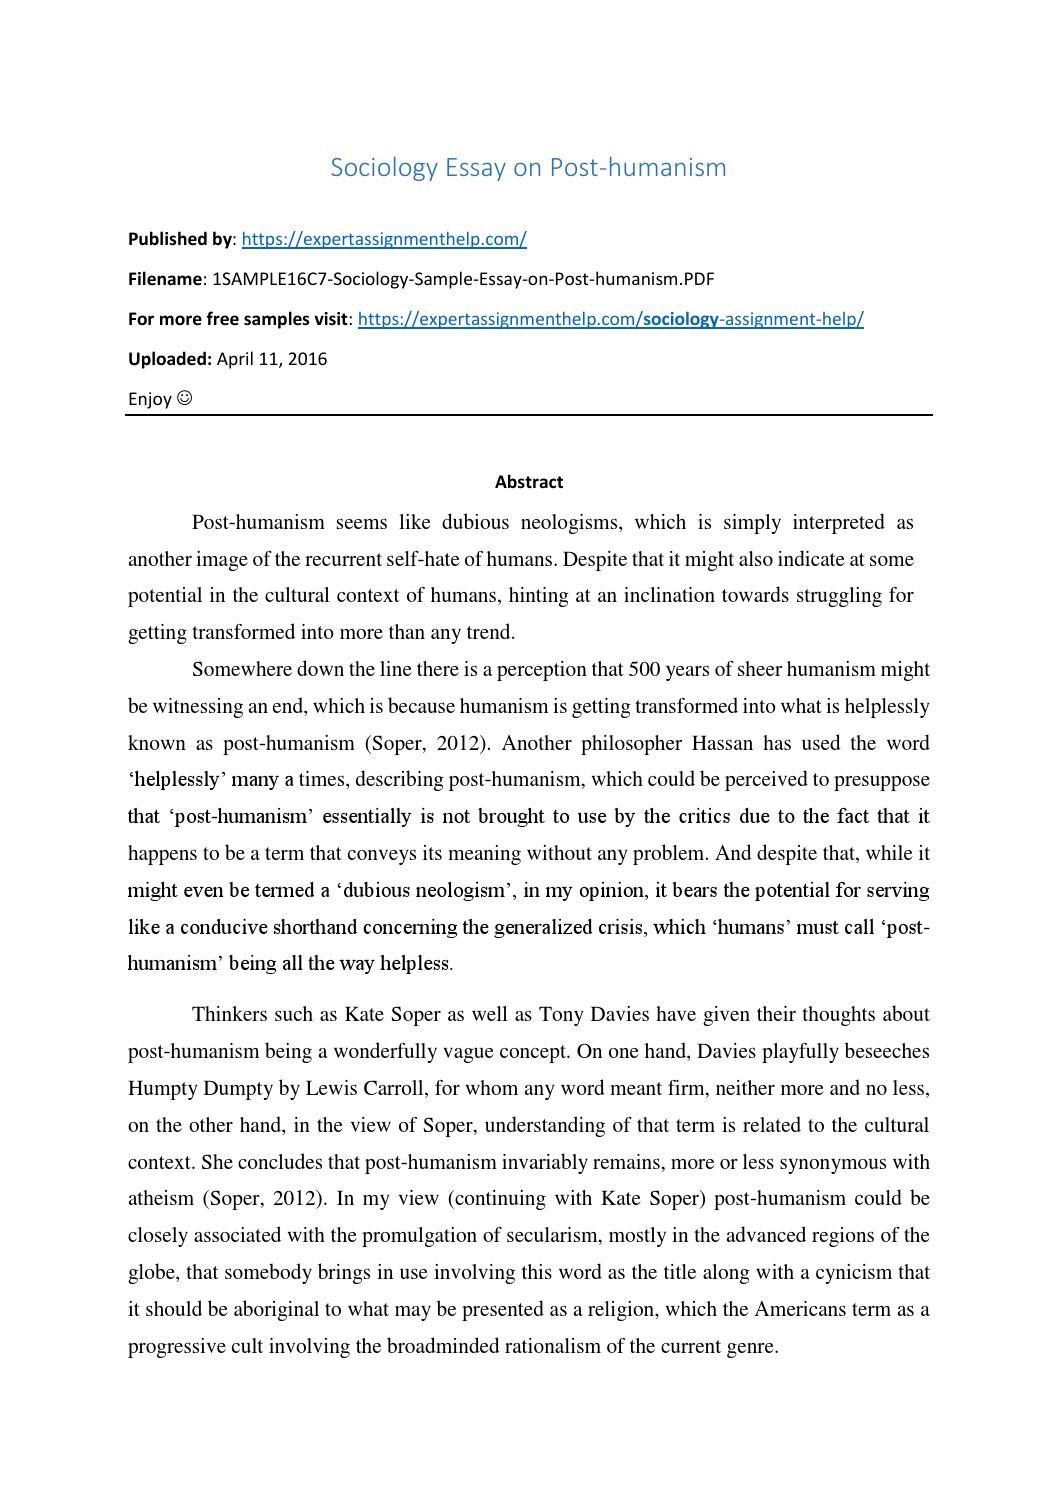 A society essay